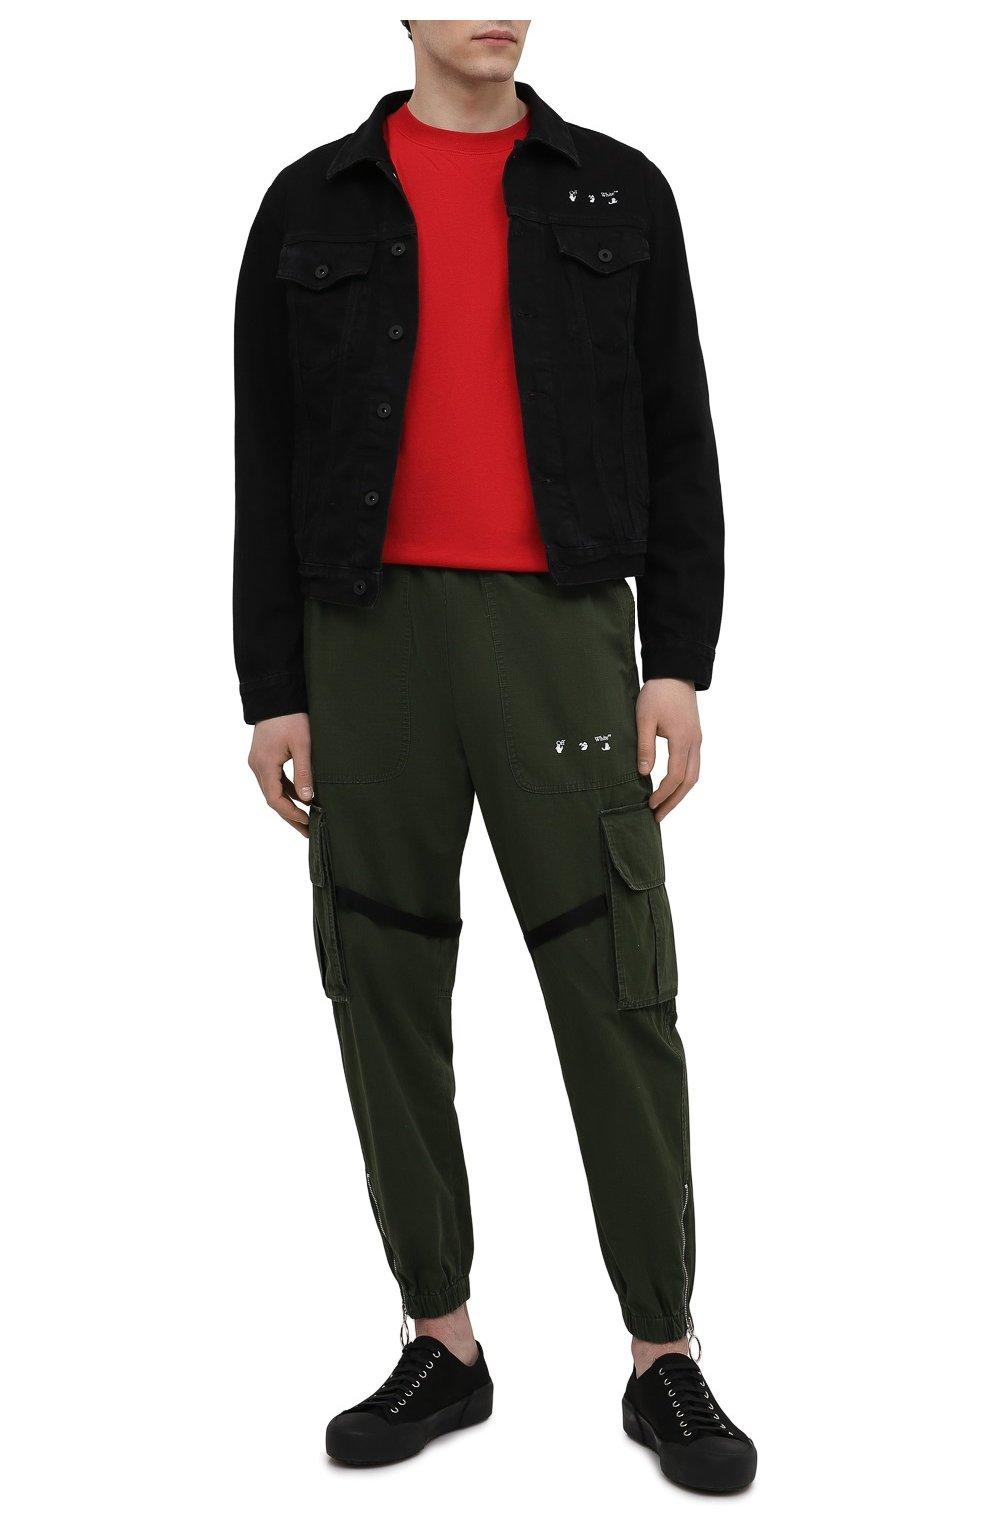 Мужская джинсовая куртка OFF-WHITE черного цвета, арт. 0MYE054S21DEN001   Фото 2 (Кросс-КТ: Куртка, Деним; Рукава: Длинные; Материал внешний: Хлопок; Стили: Спорт-шик; Длина (верхняя одежда): Короткие)